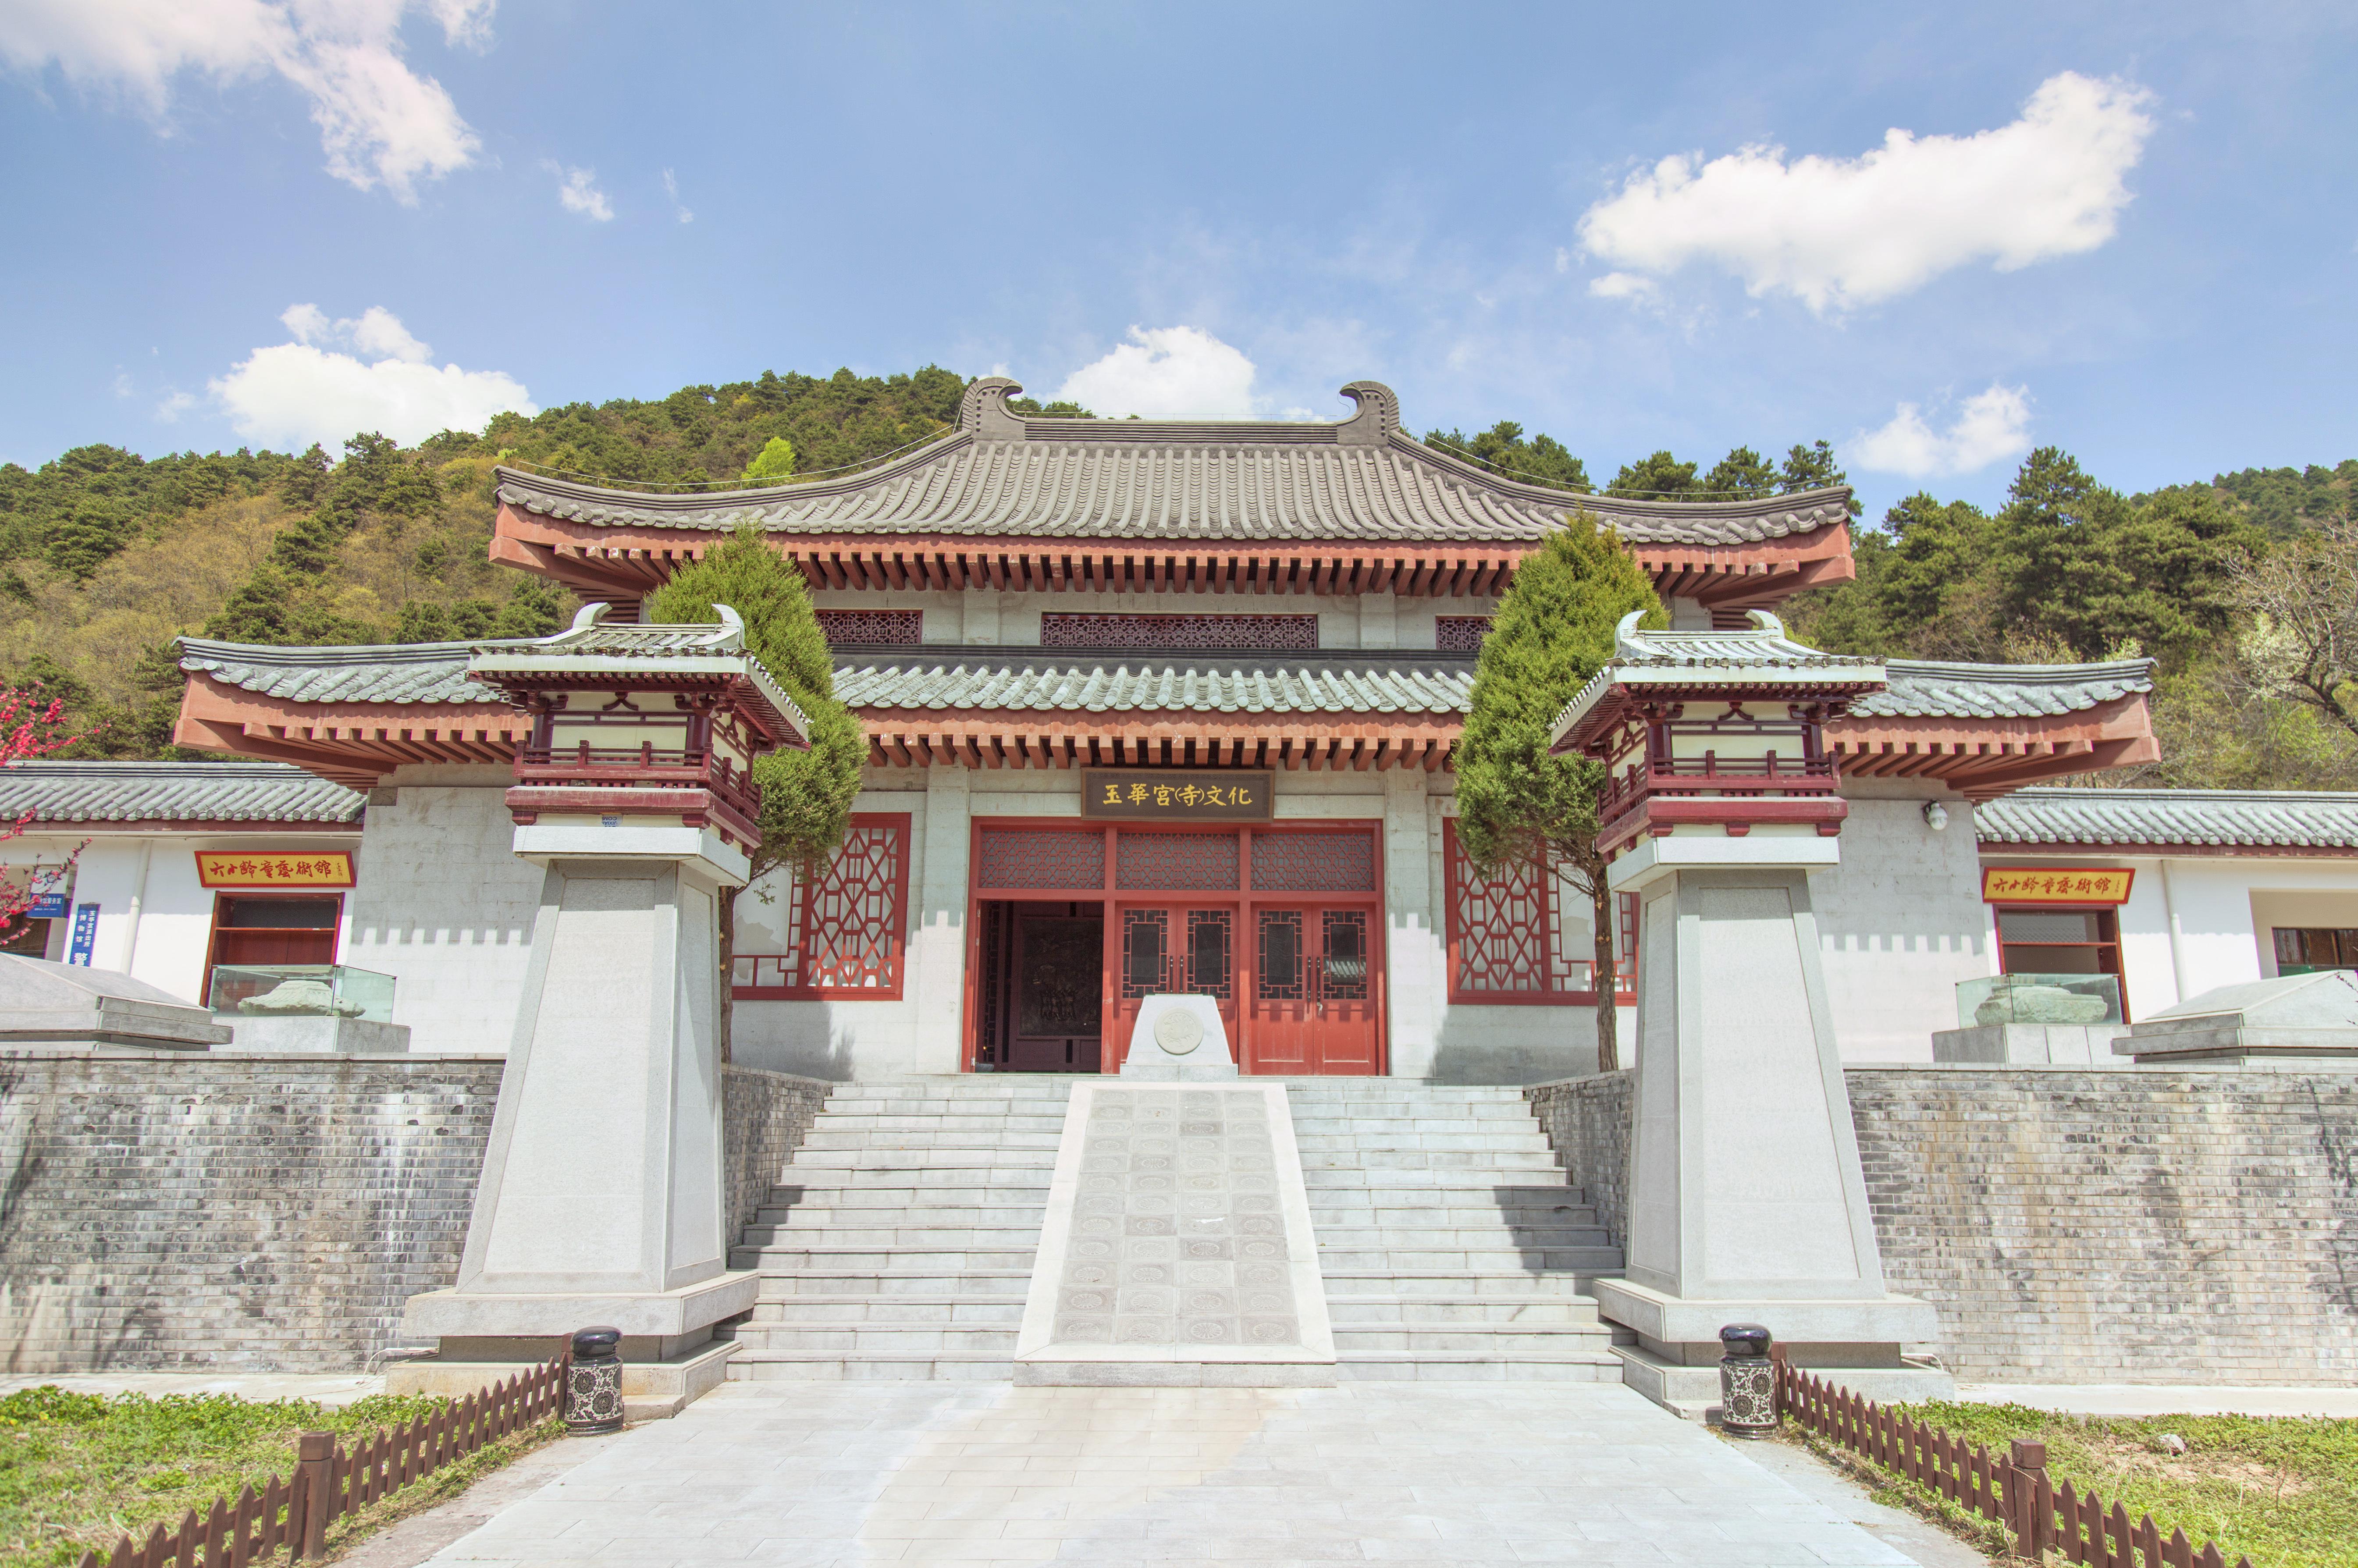 Yuhua Palace